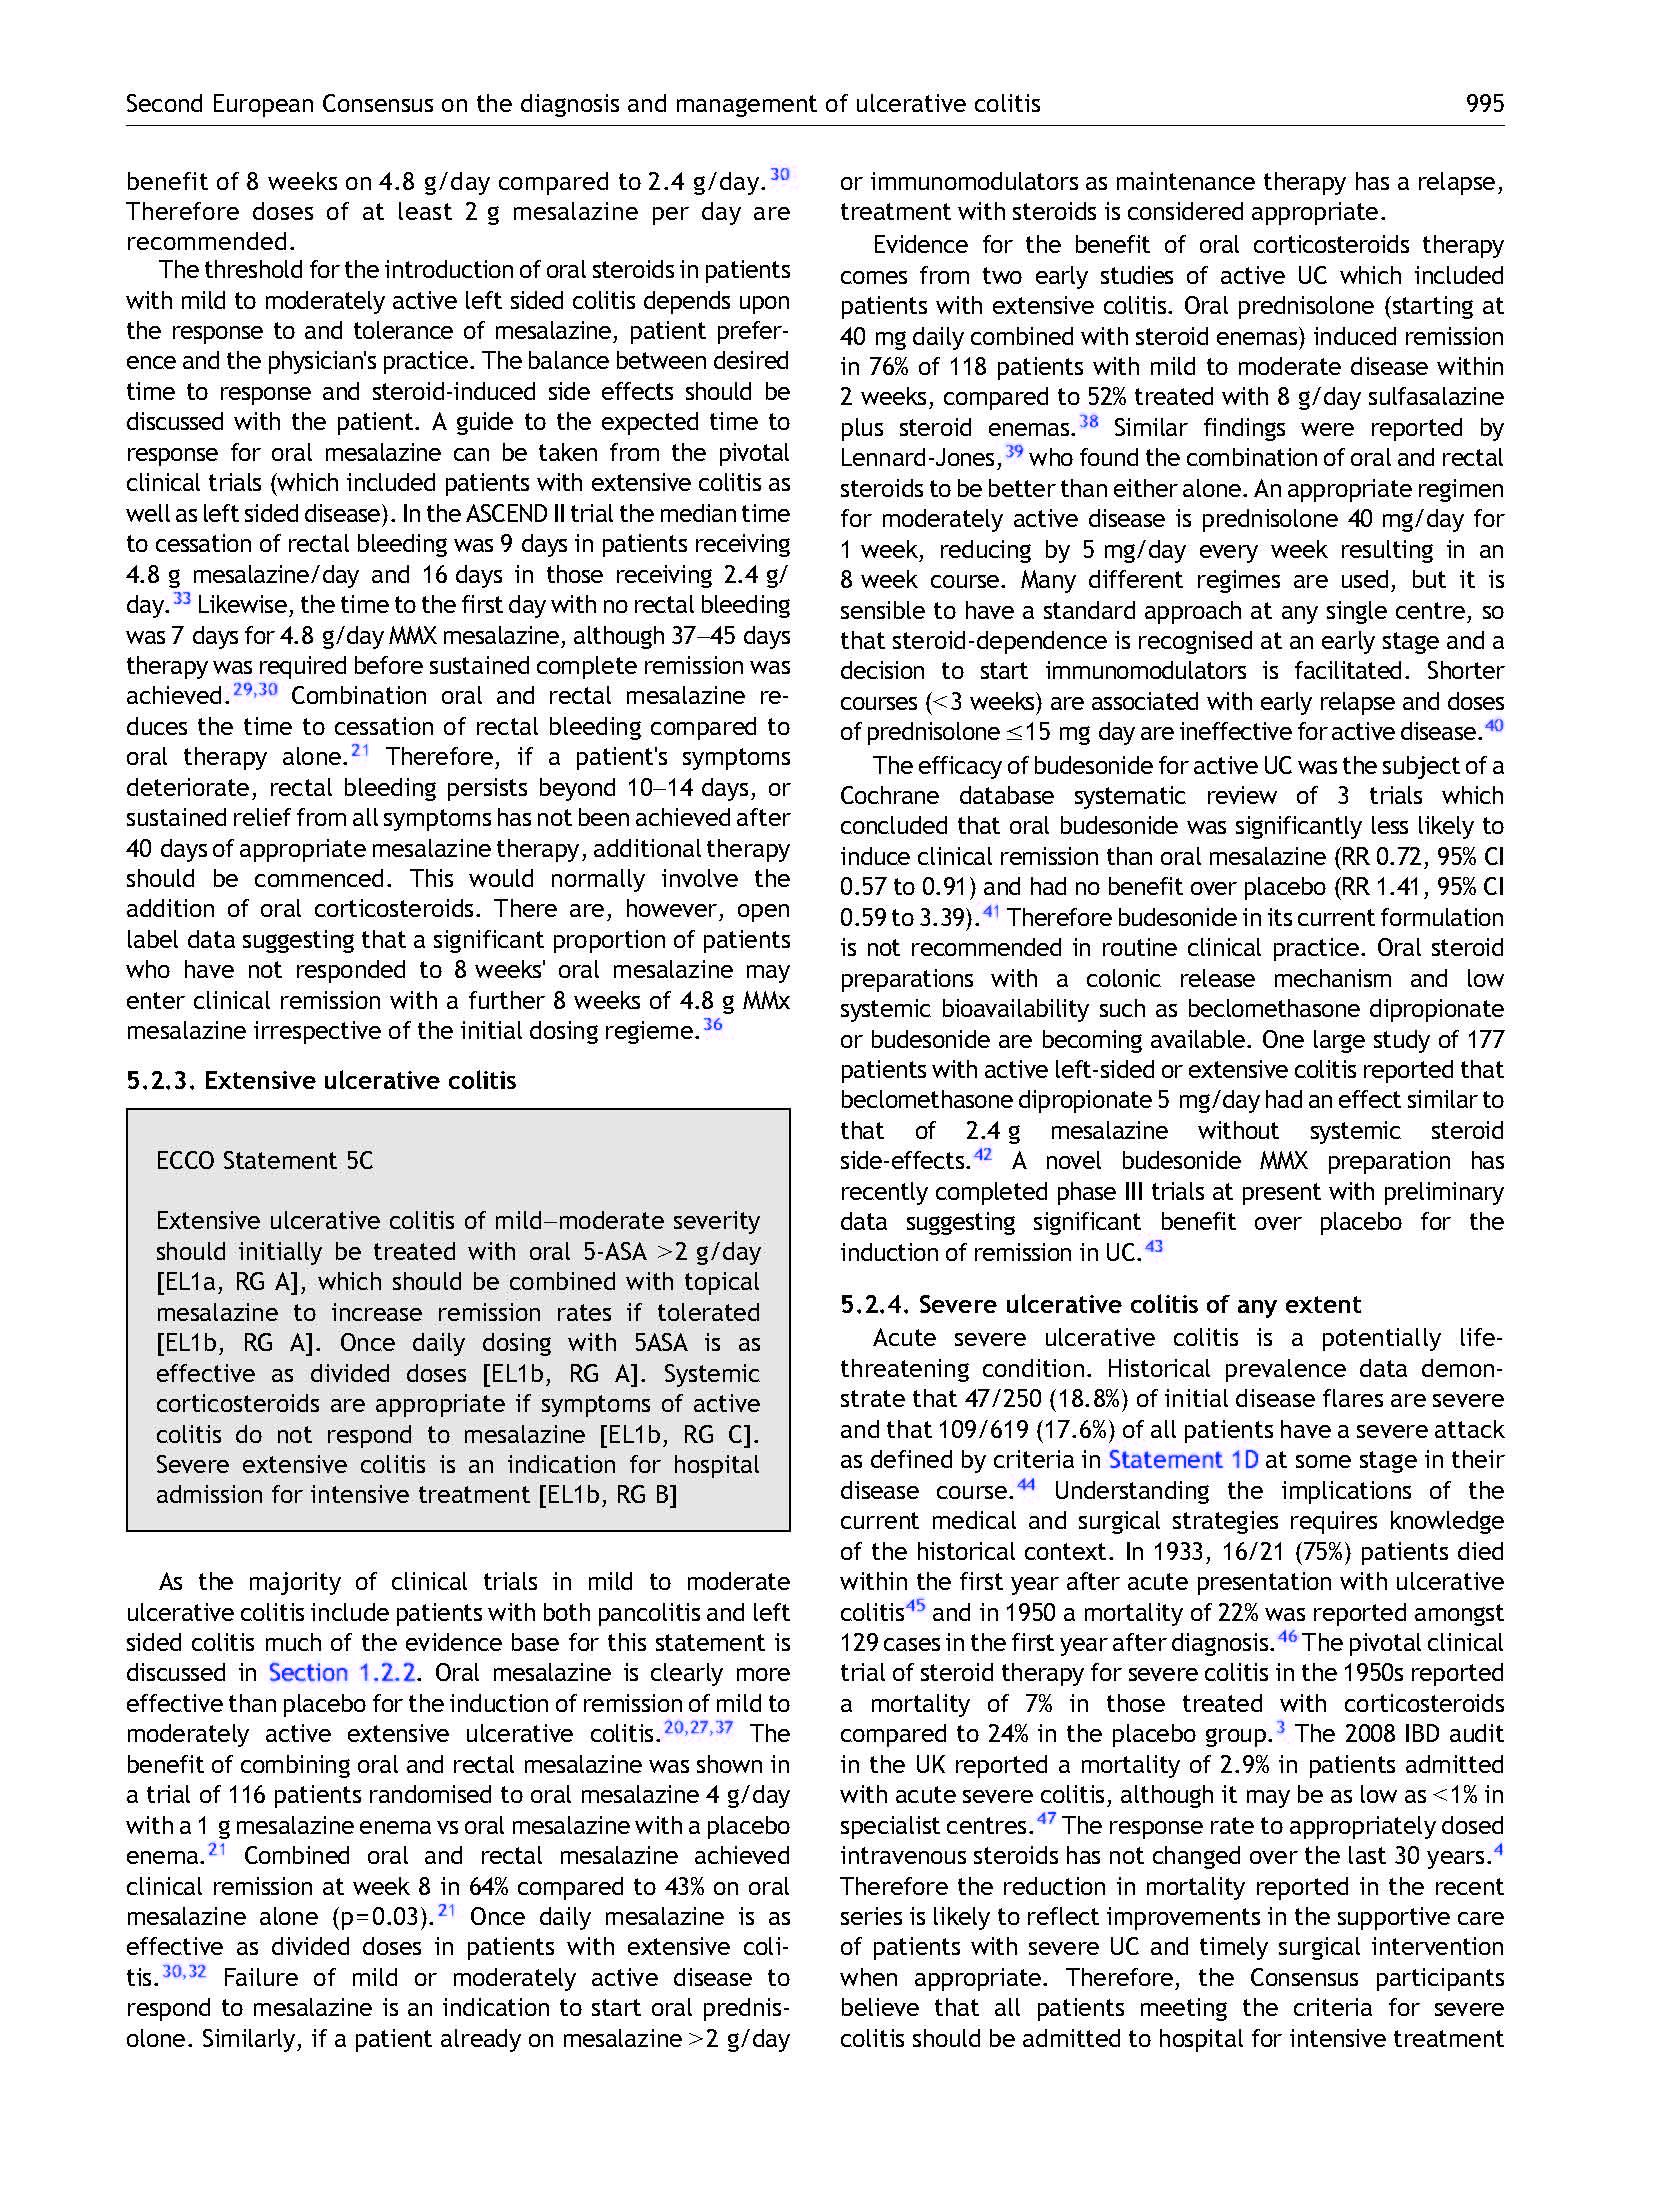 2012-ECCO第二版-欧洲询证共识:溃疡性结肠炎的诊断和处理—日常处理_页面_05.jpg